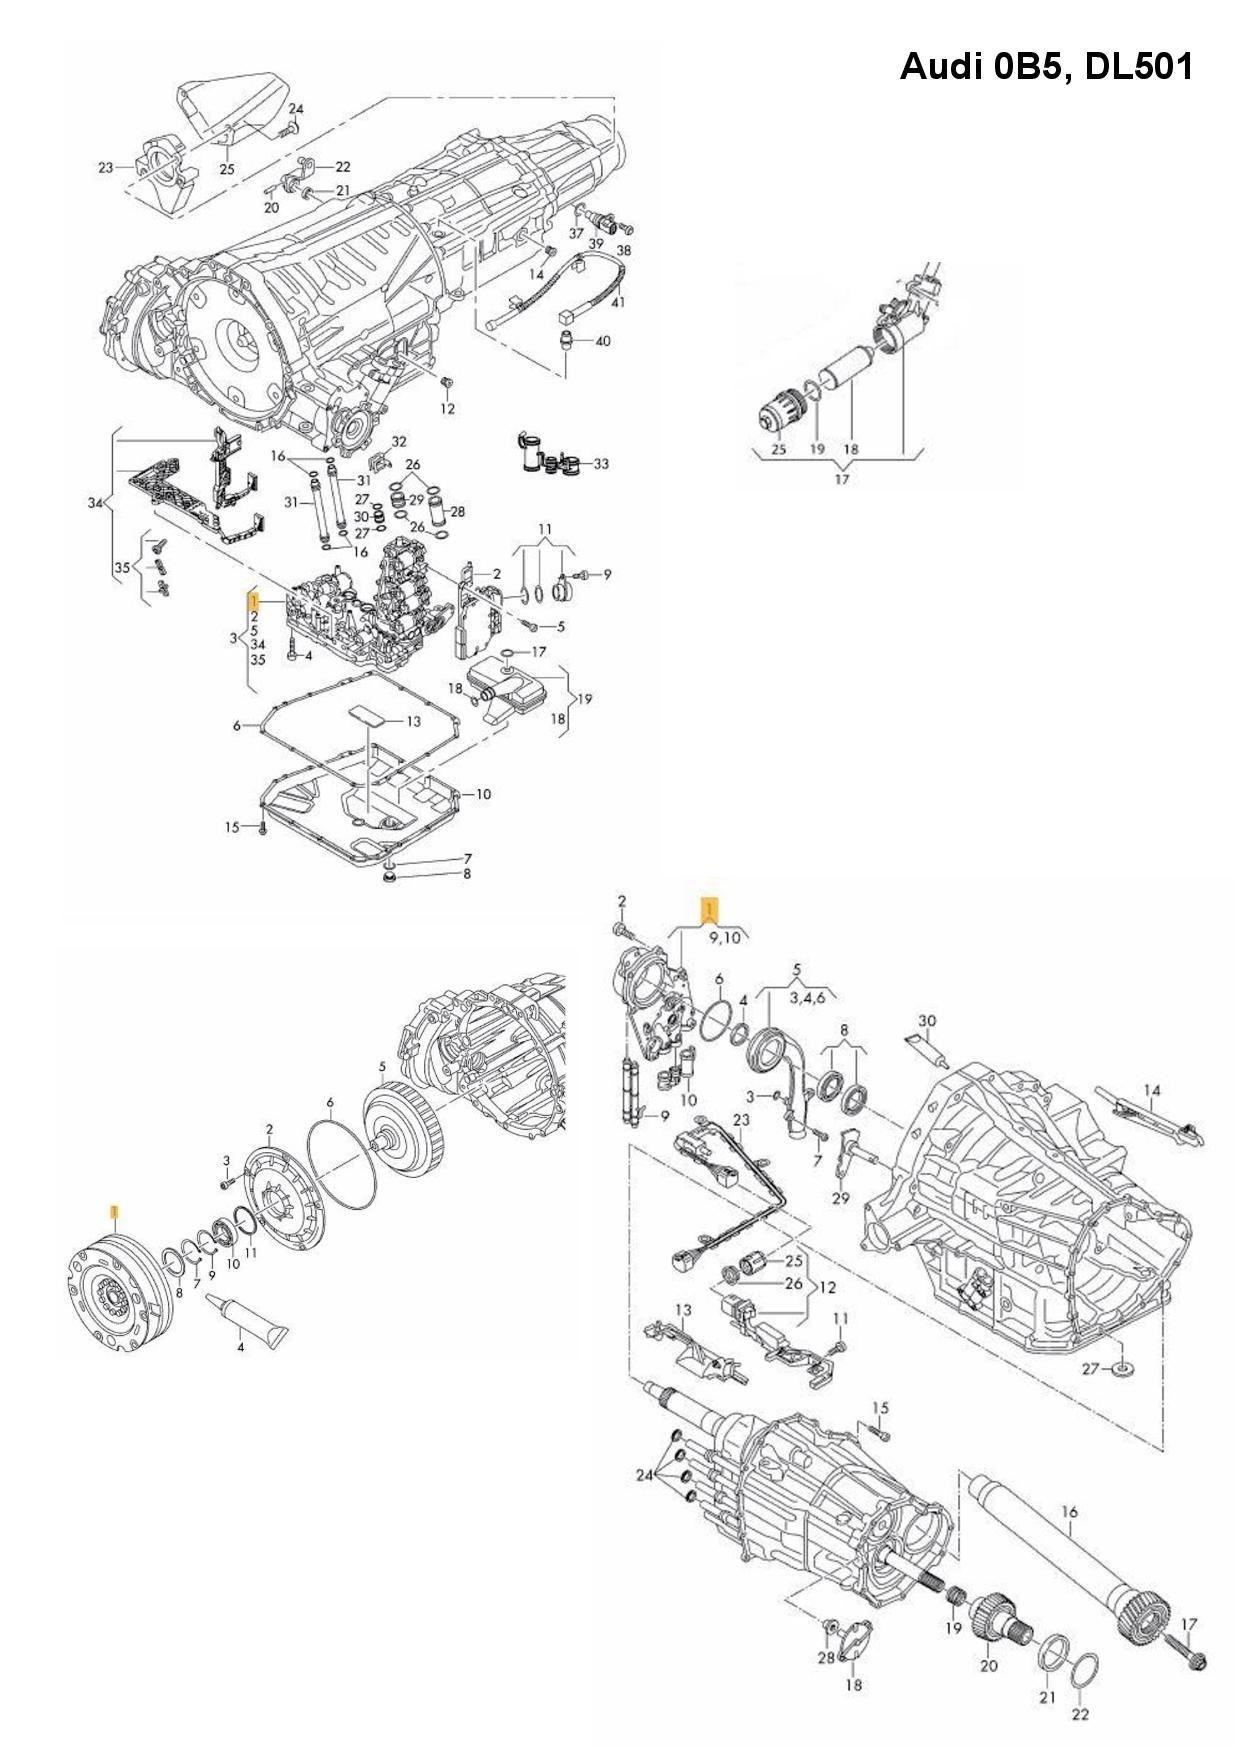 0B5 DL501 Wet clutch 7-speed DSG